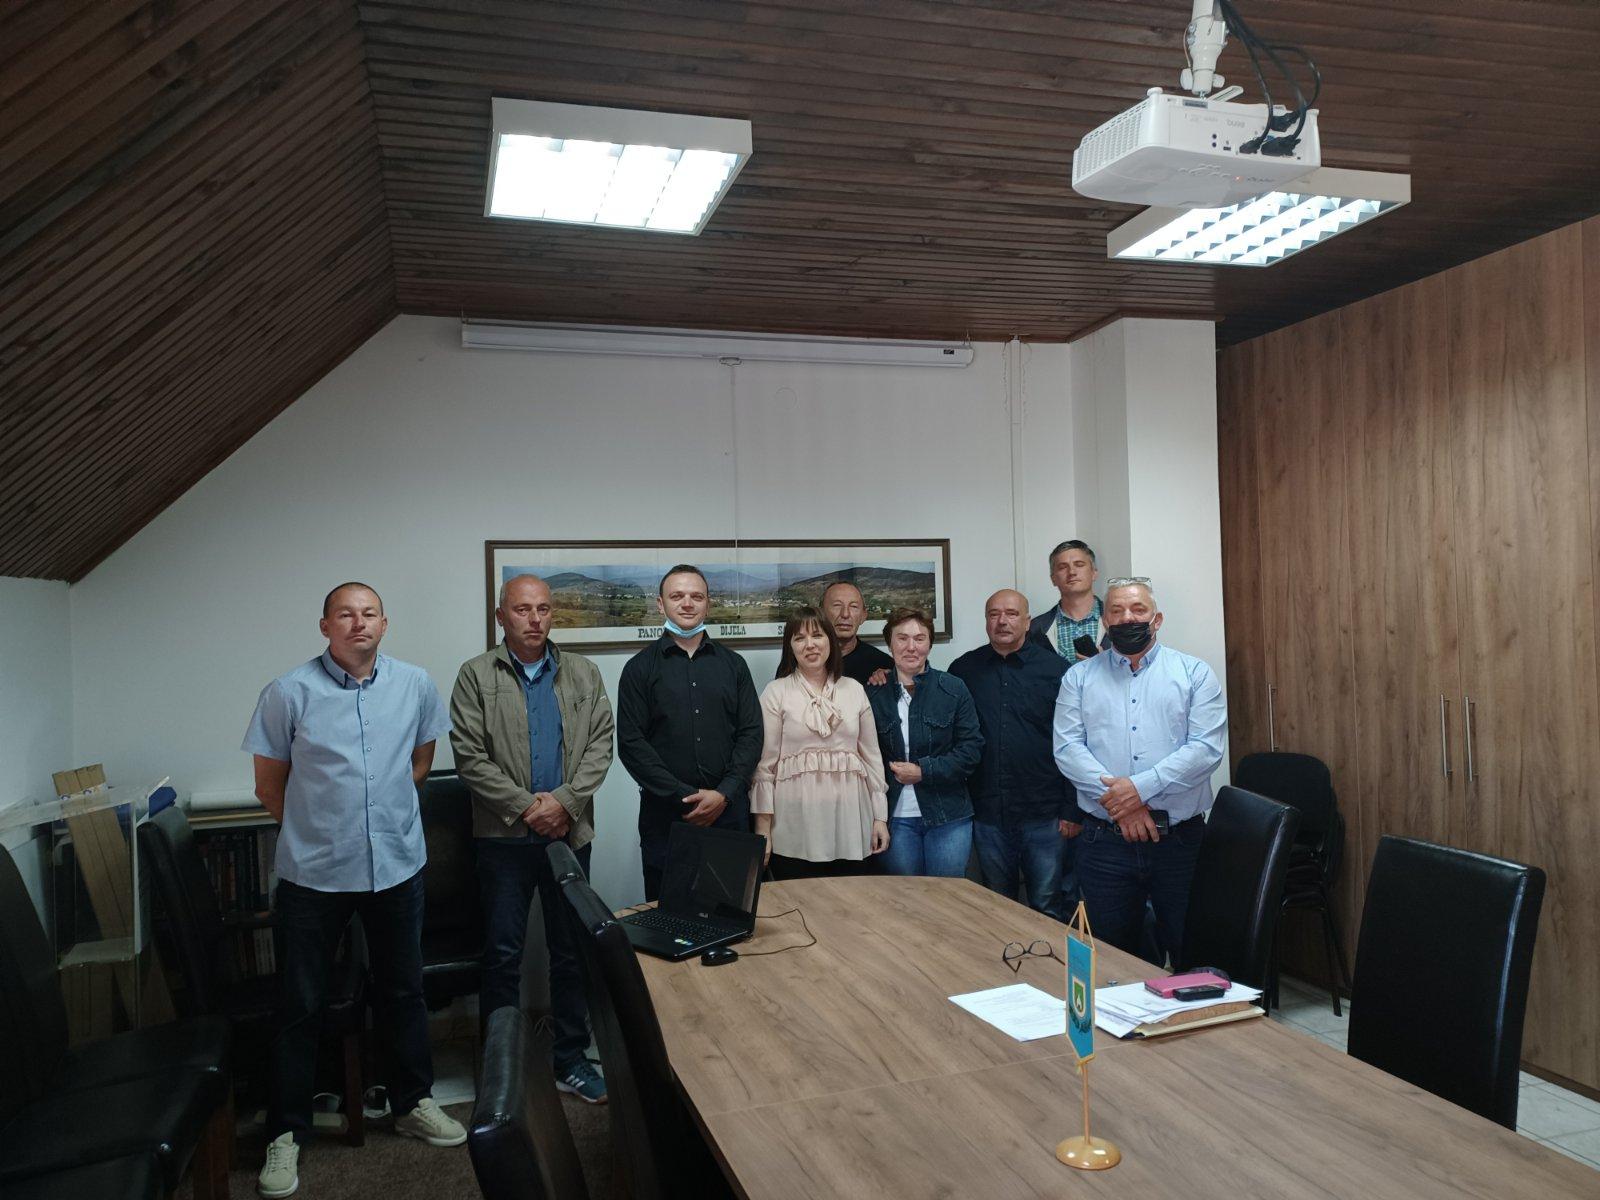 Održana konstituirajuća sjednica Općinskog vijeća Općine Saborsko